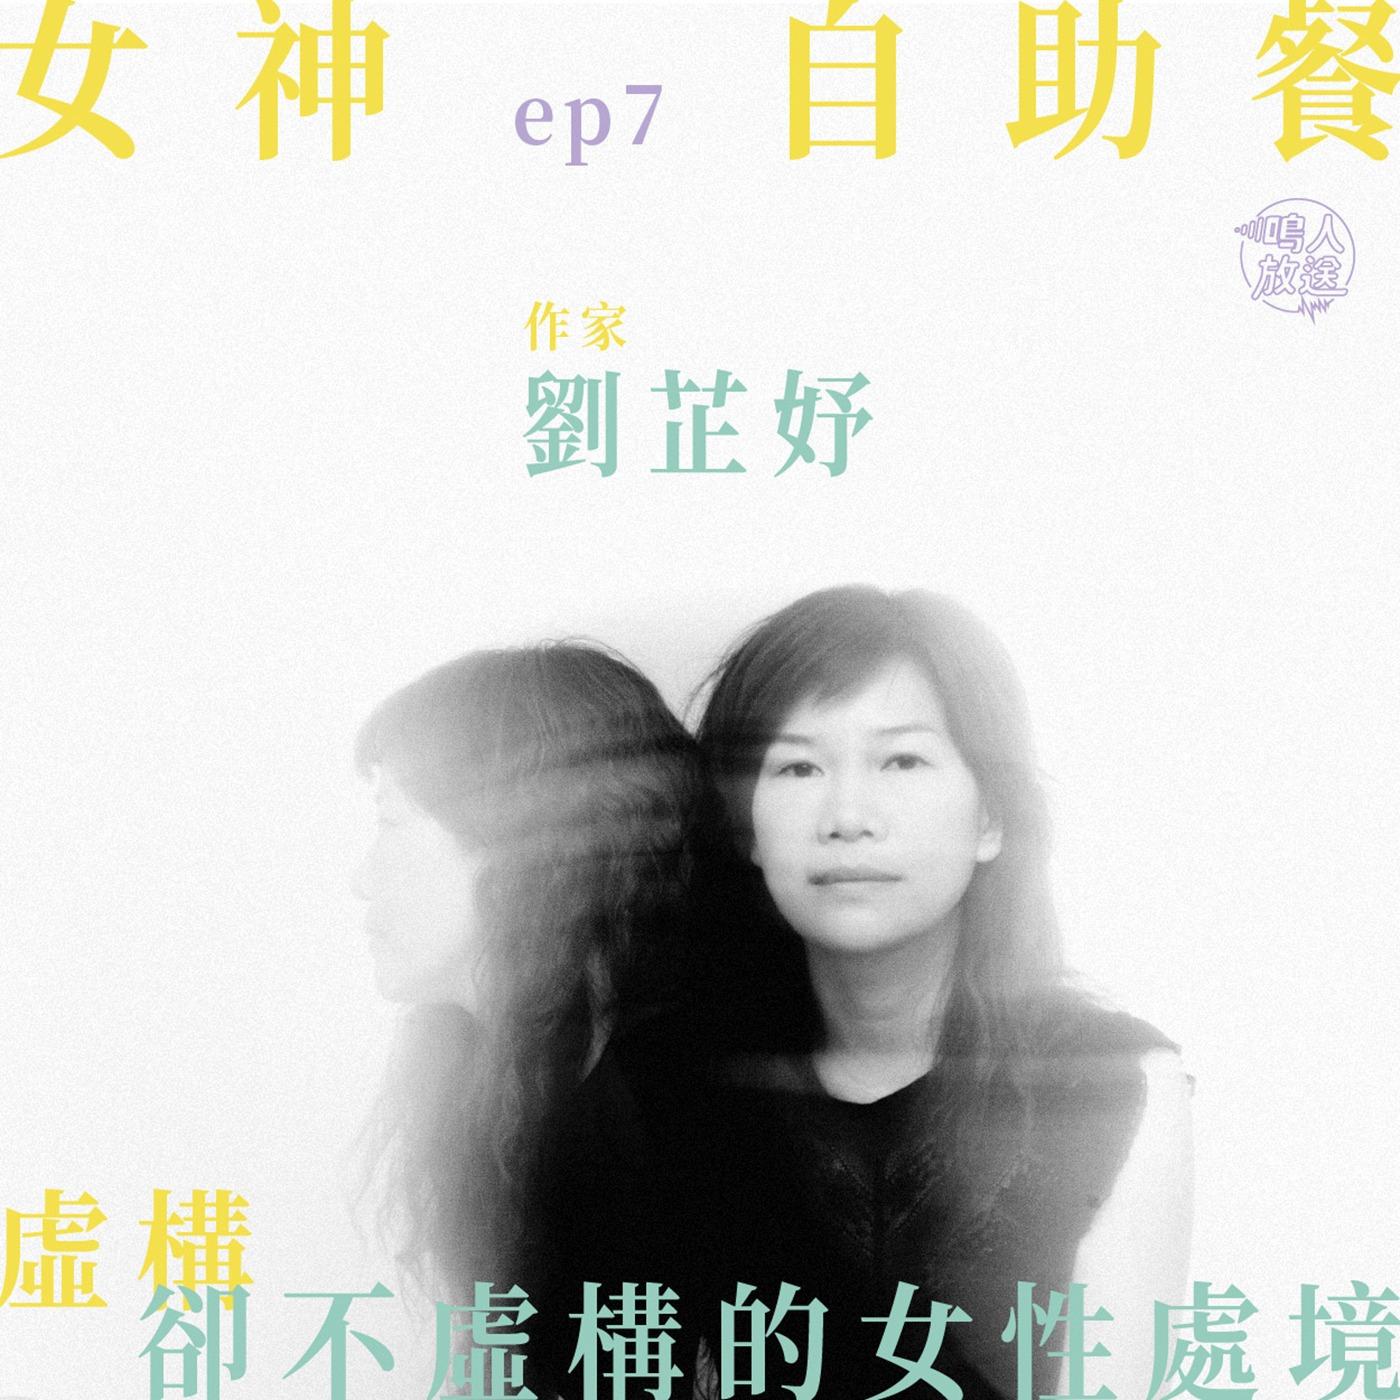 #07-2 《女神自助餐》:被害妄想還是求生本能?身為女性,沒那麼簡單 ft. 劉芷妤